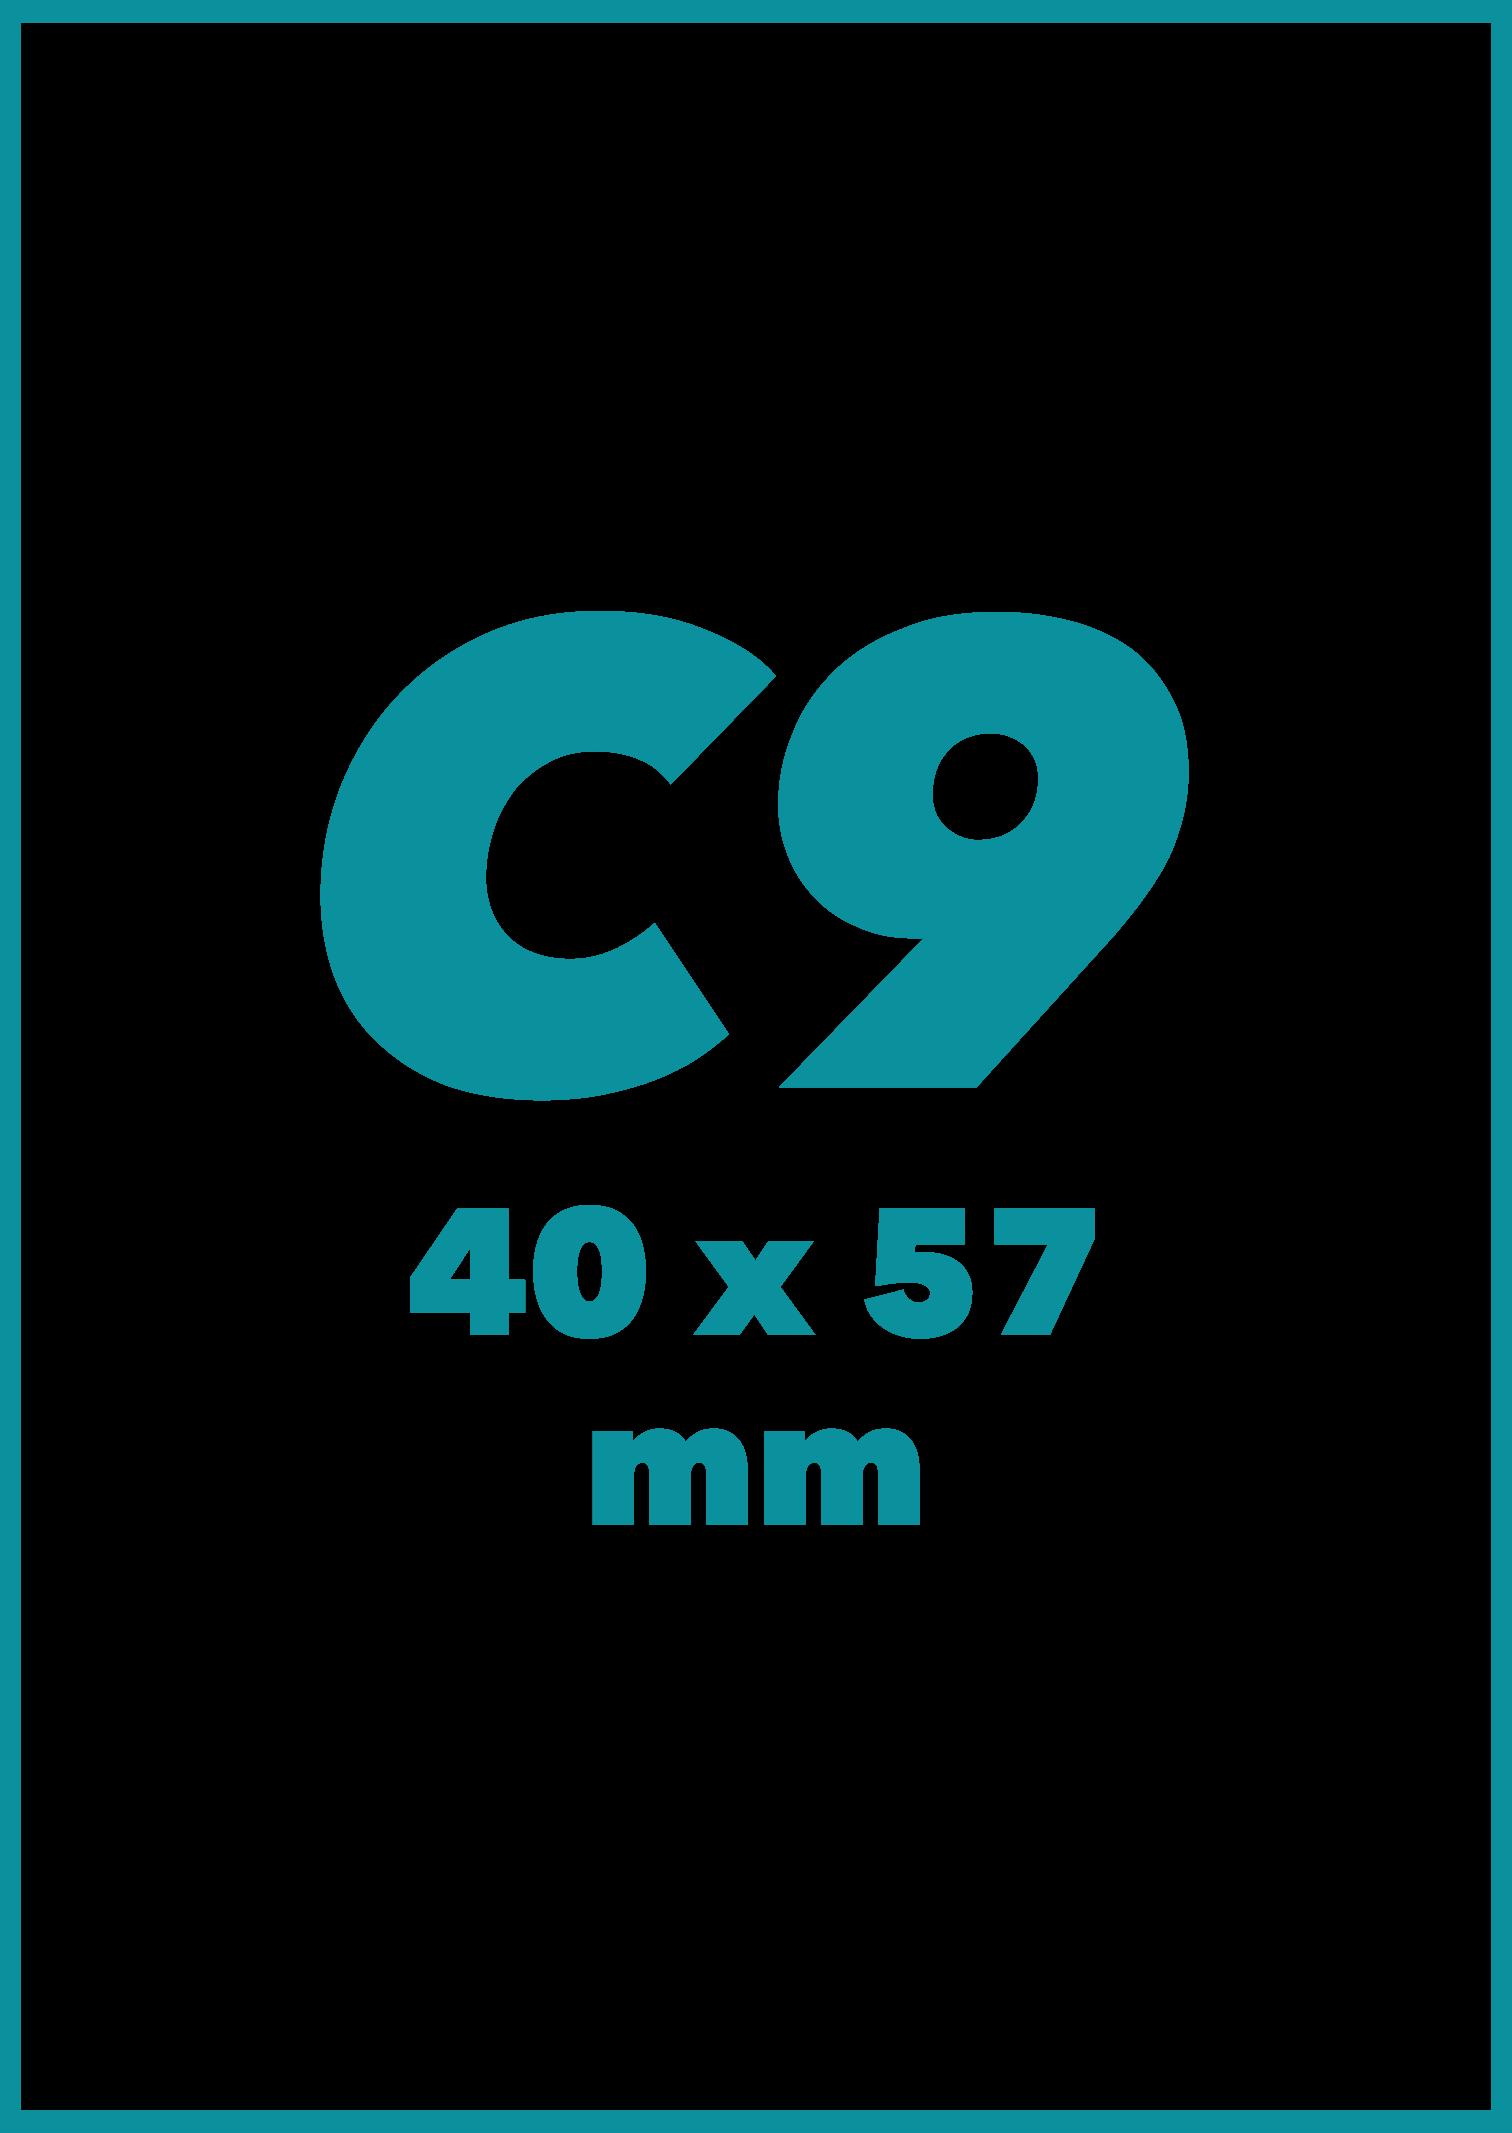 C9 Formatas